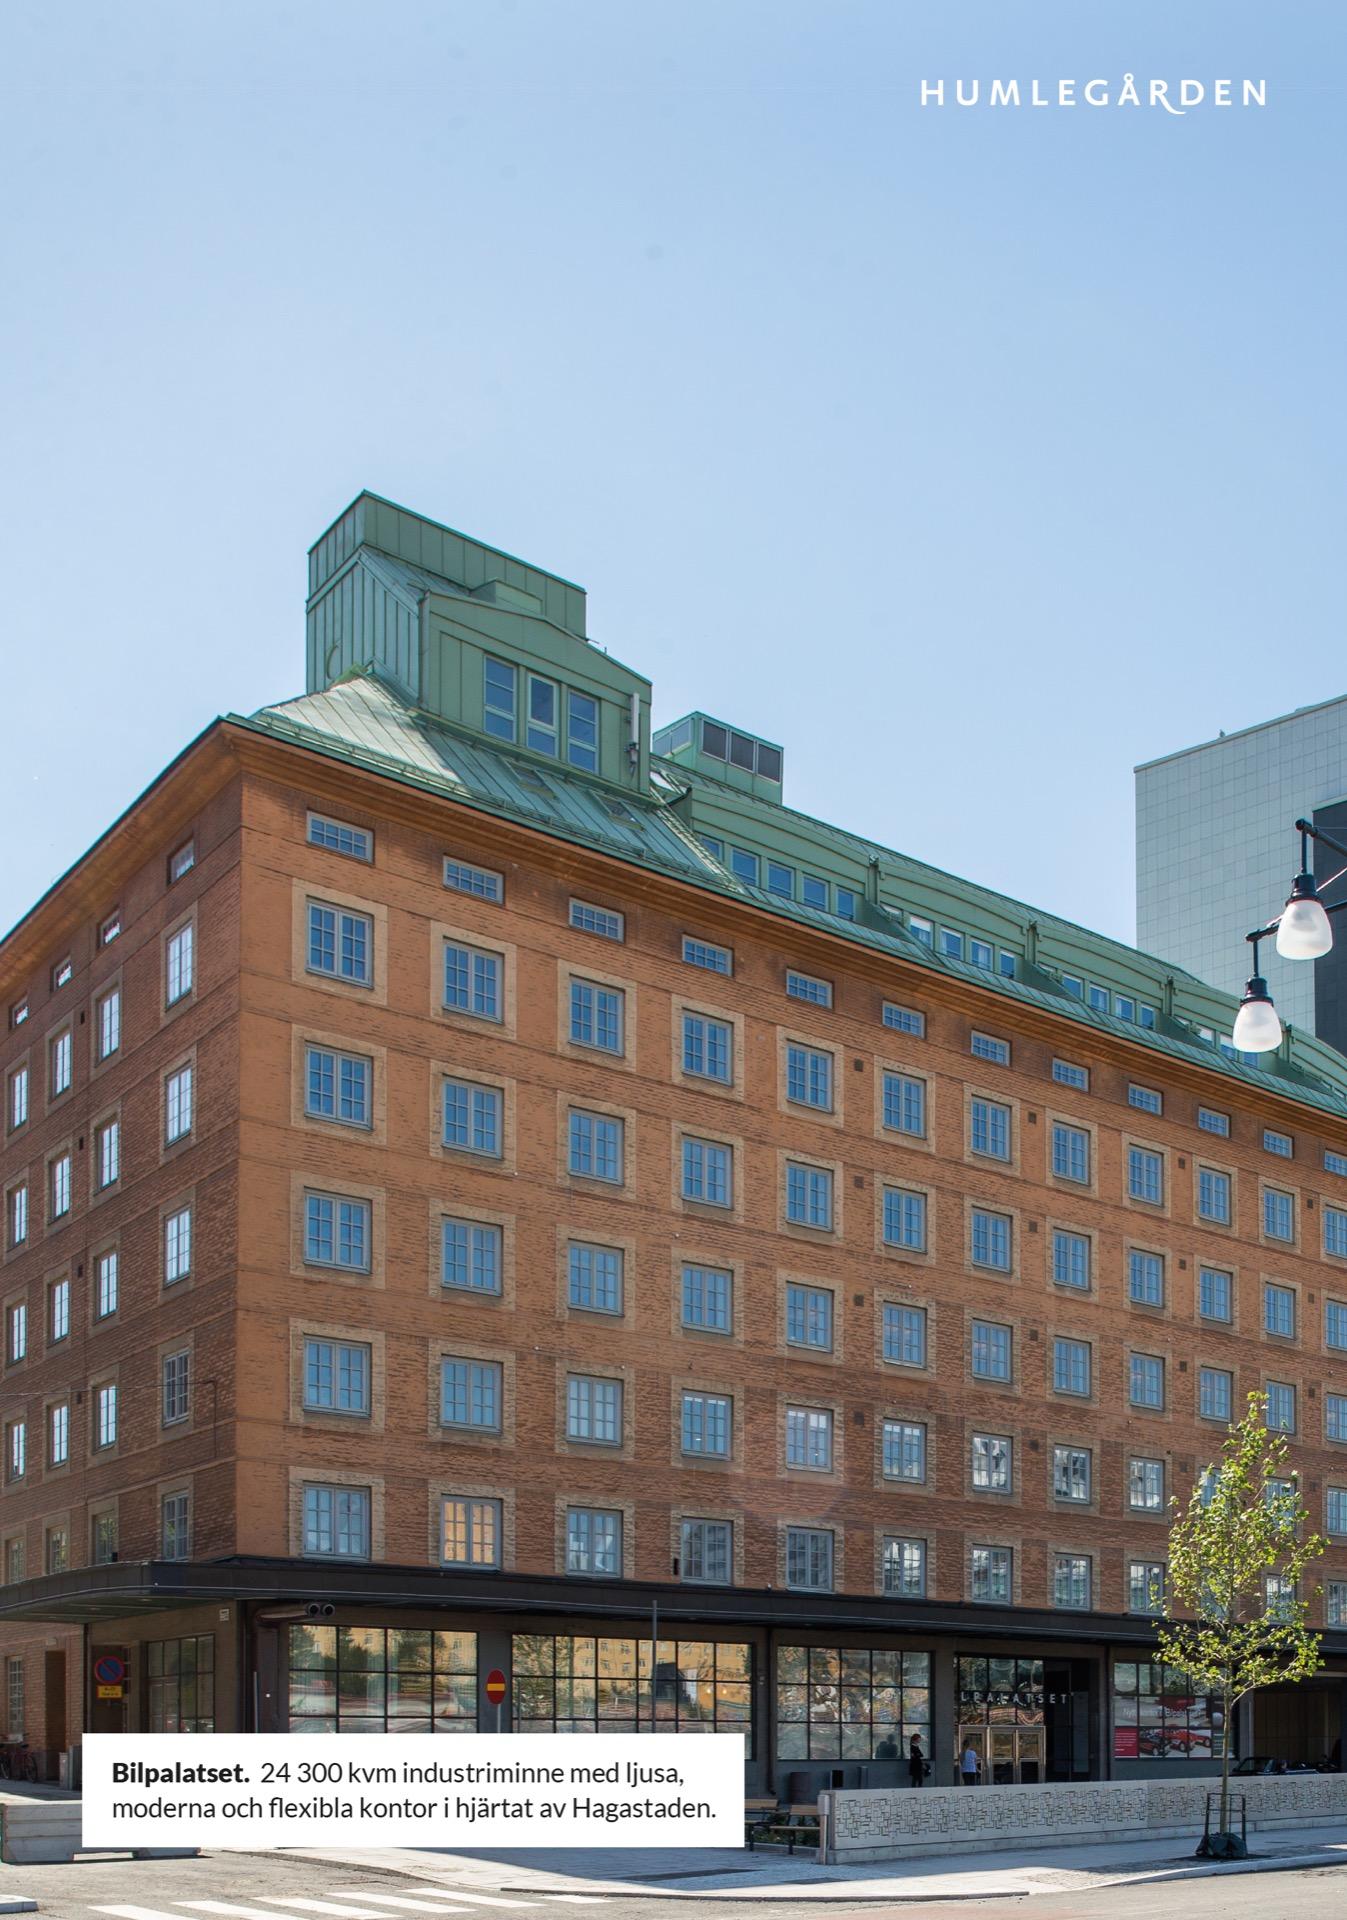 Bilpalatset.  24 300 kvm industriminne med ljusa, moderna och flexibla kontor i hjärtat av Hagastaden.Humlegården